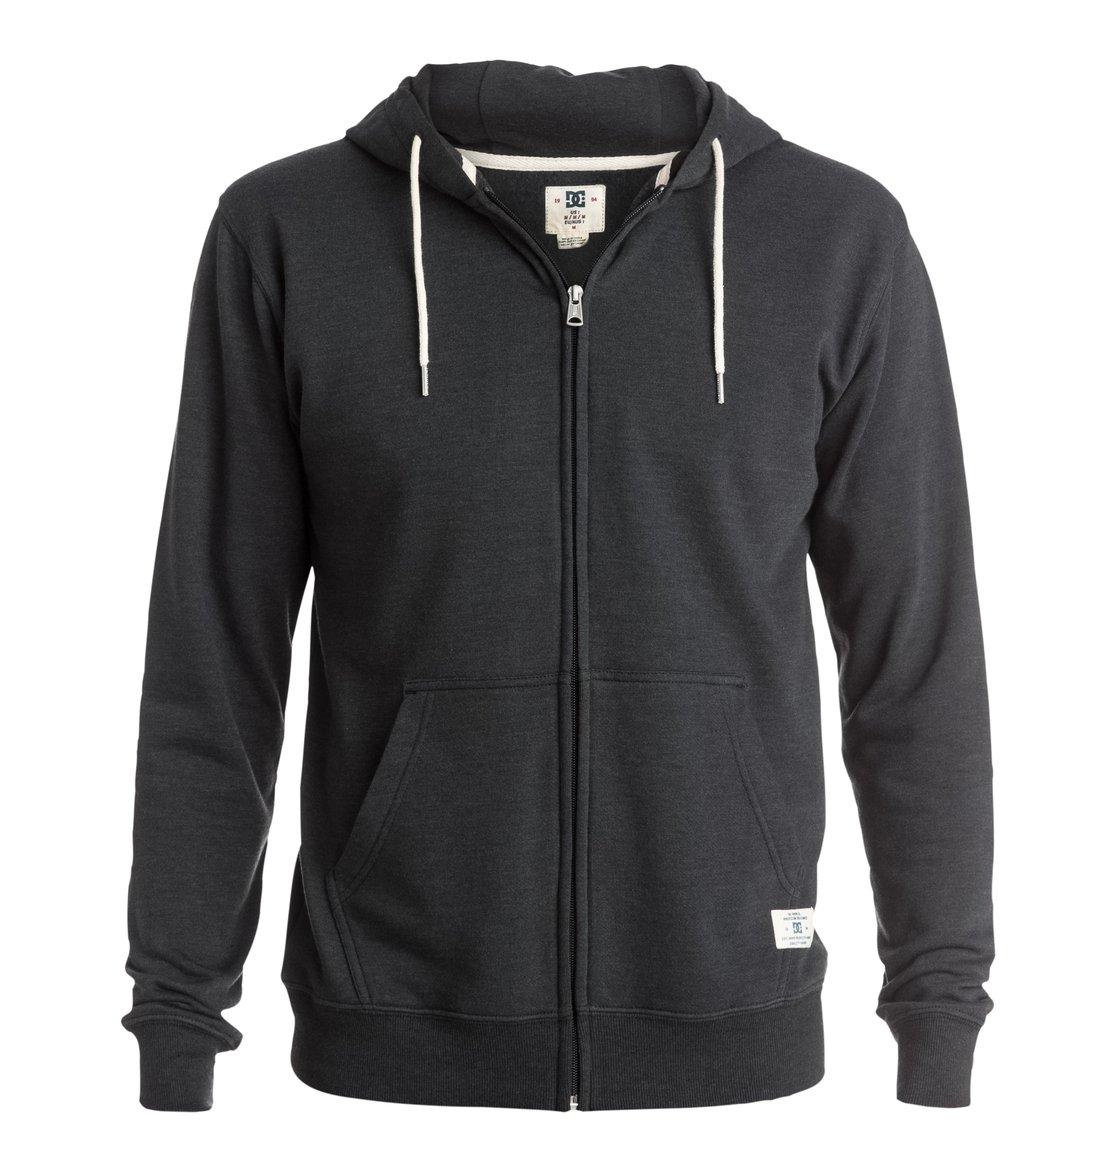 Dc zip up hoodies